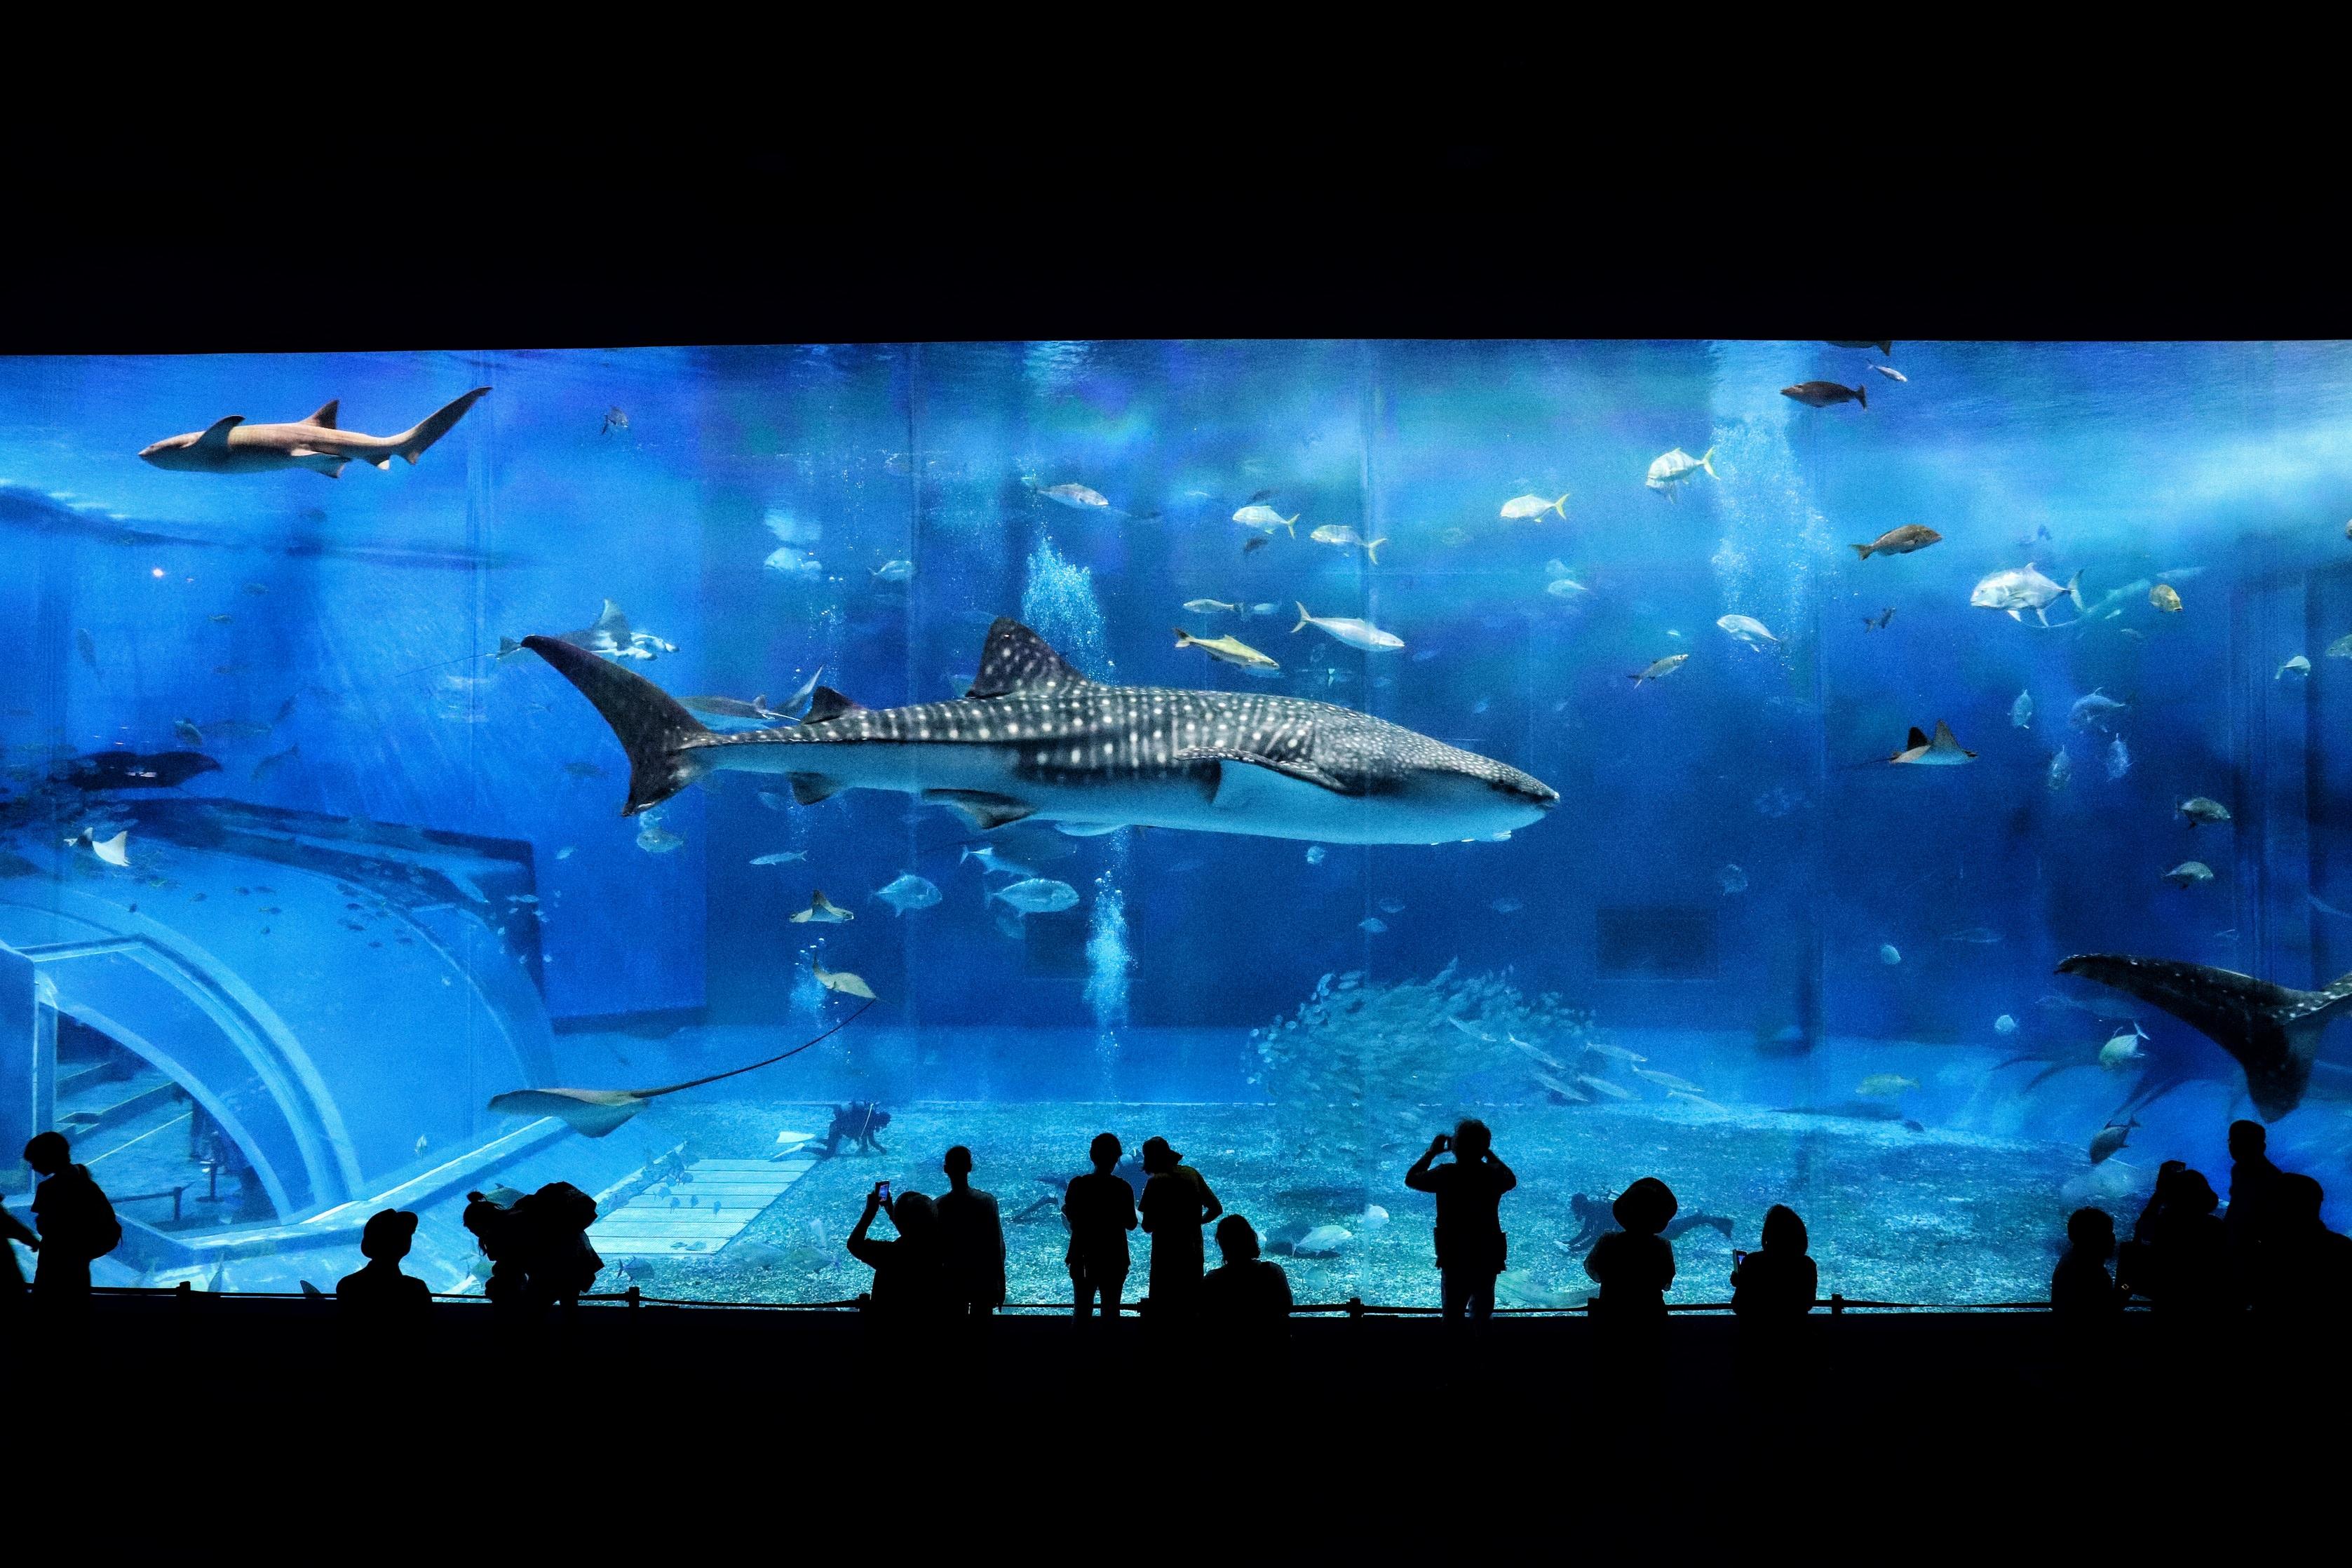 「水族館を優雅に泳ぐジンベィザメ」の写真